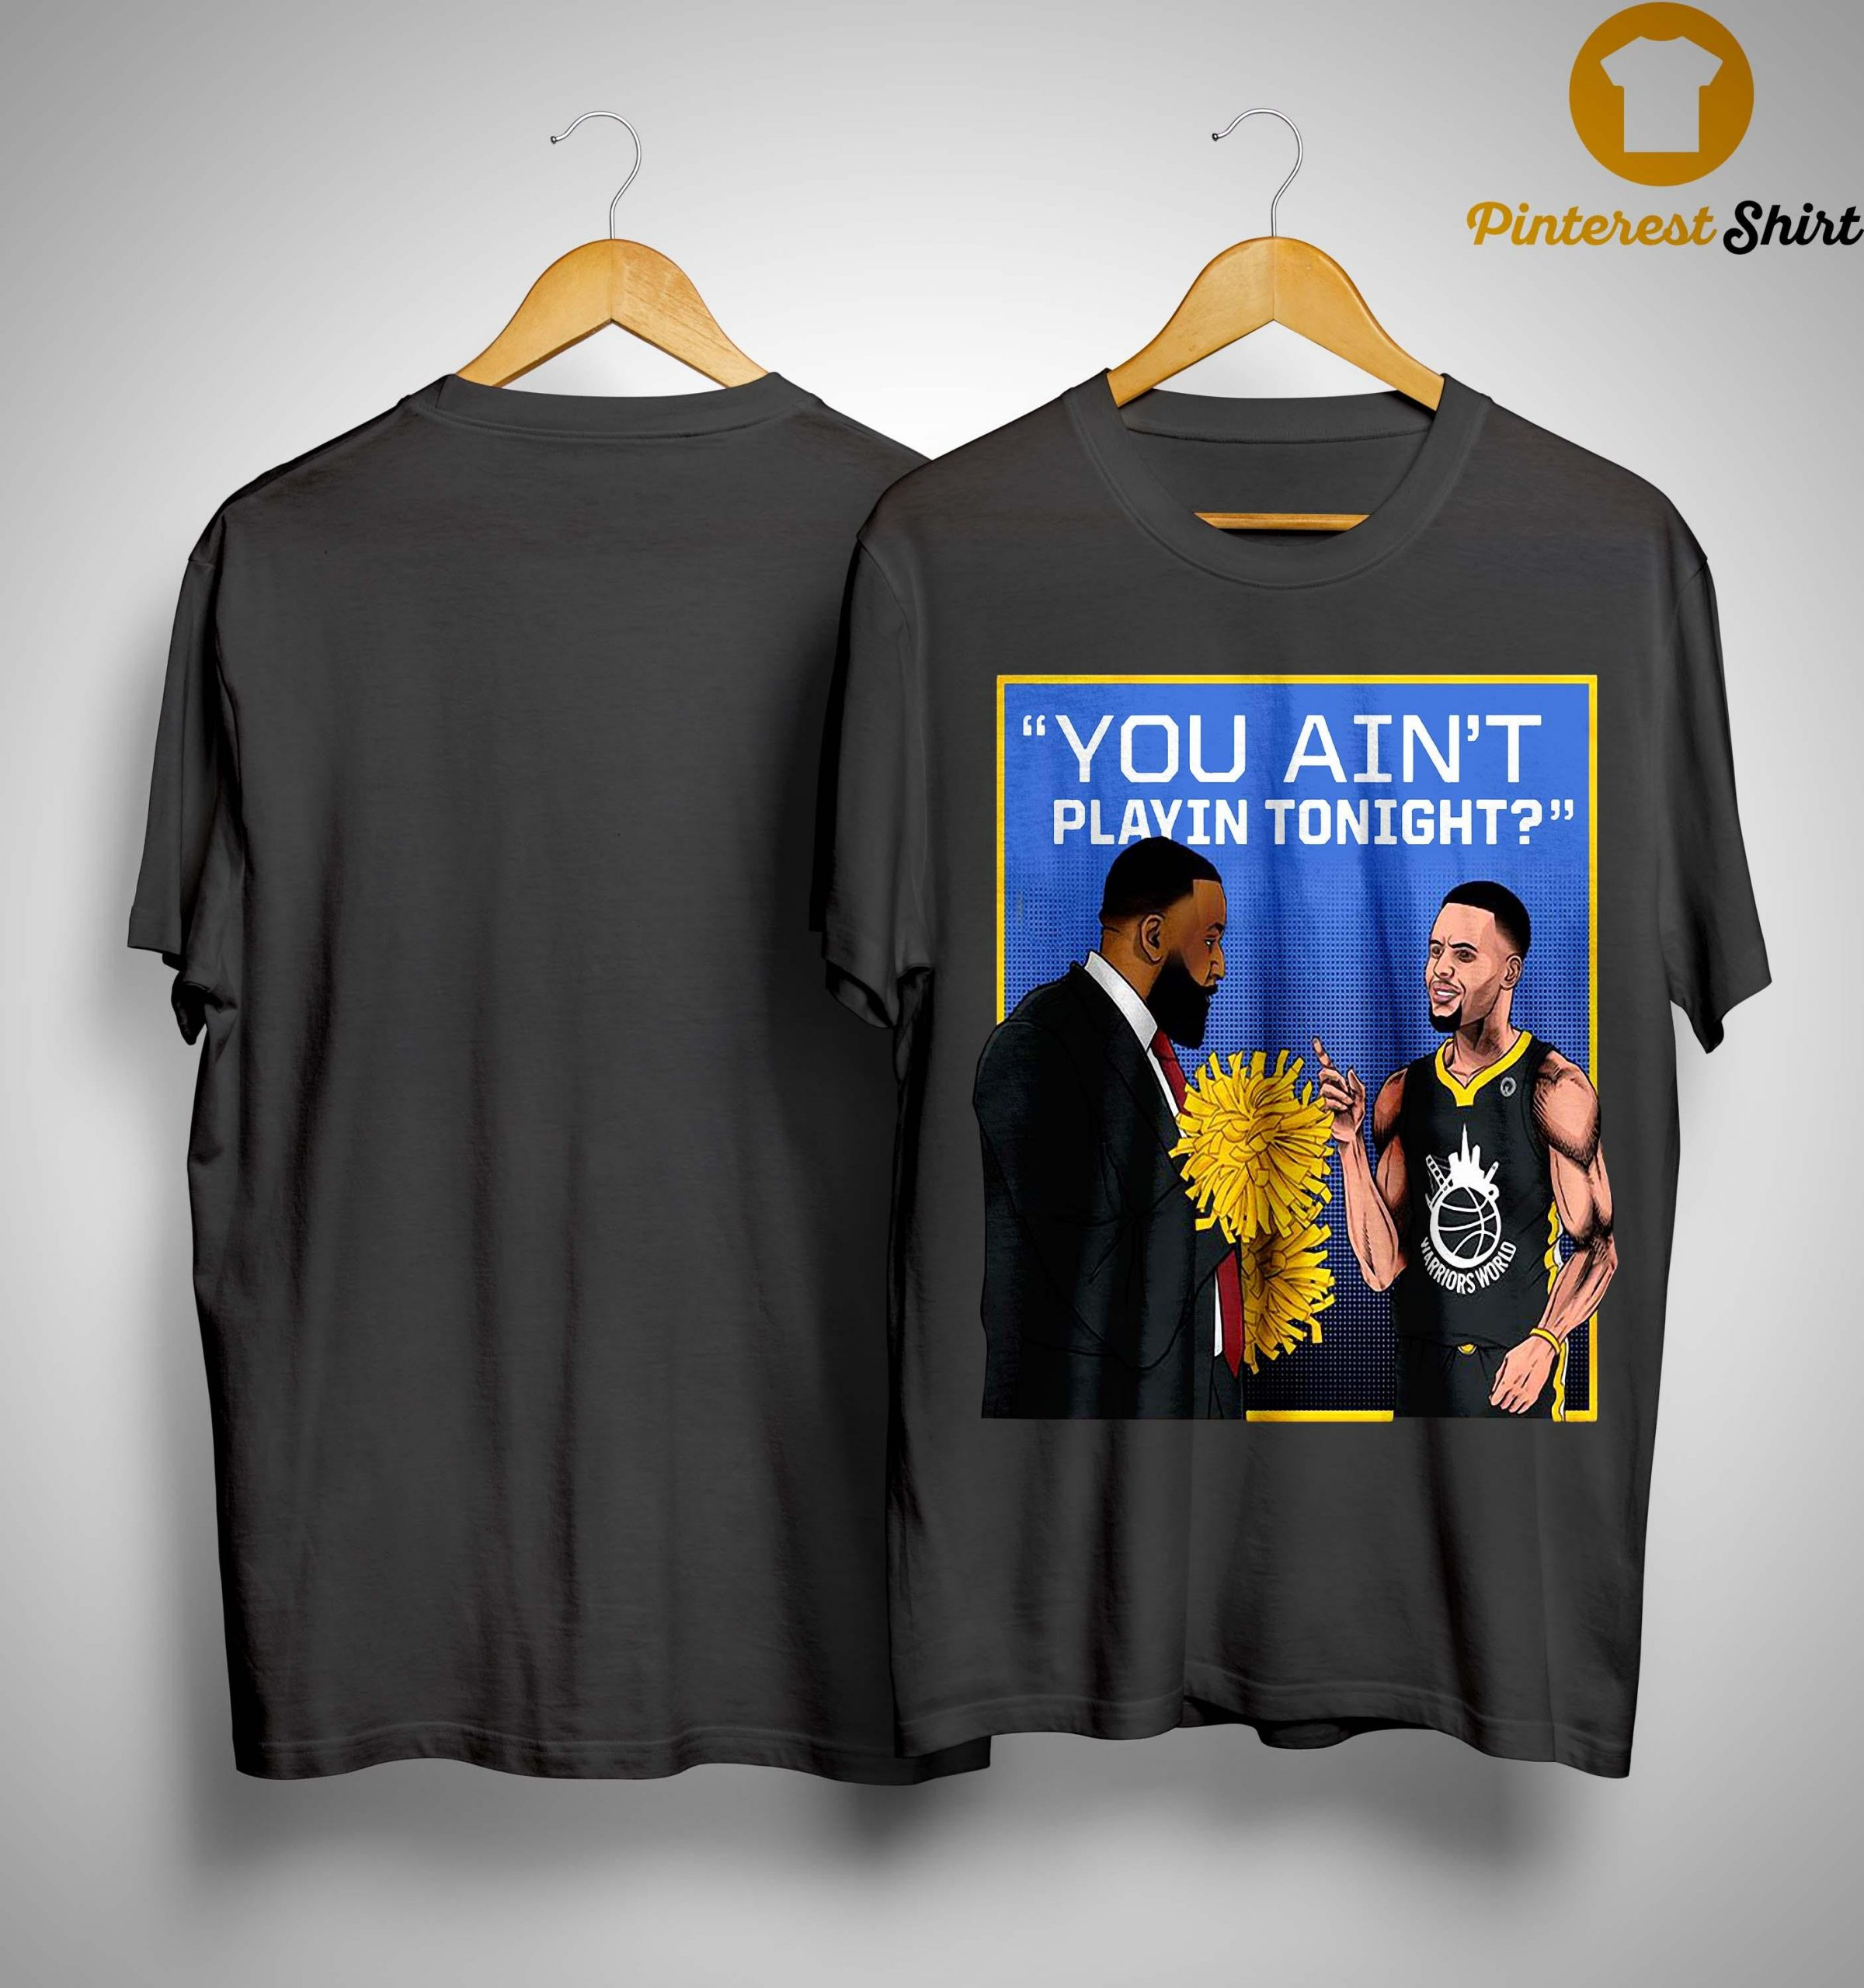 You Ain't Playin Tonight Shirt